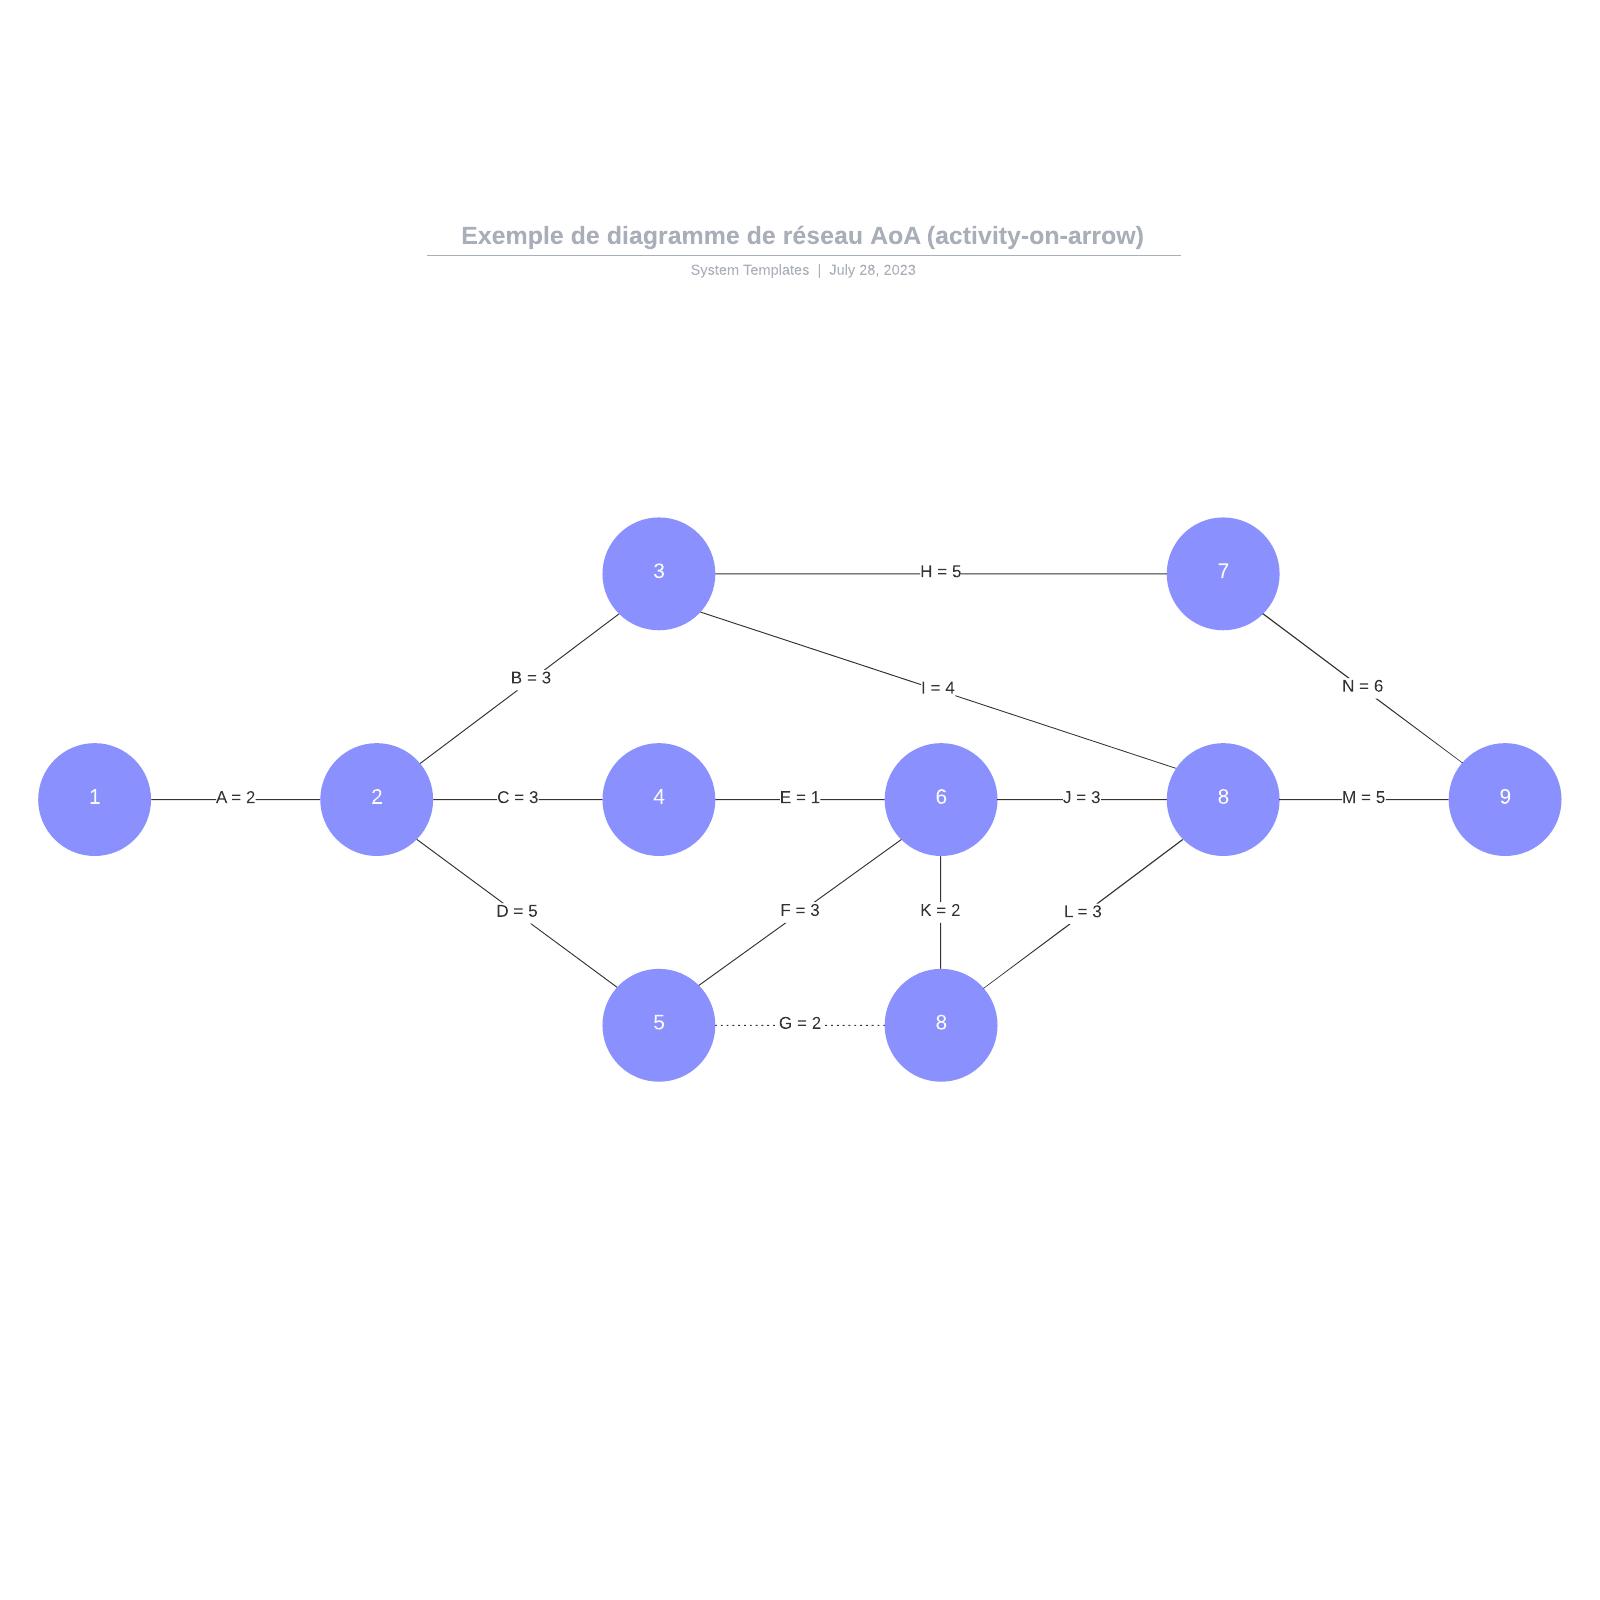 exemple de diagramme de réseau AoA (activity-on-arrow) vierge